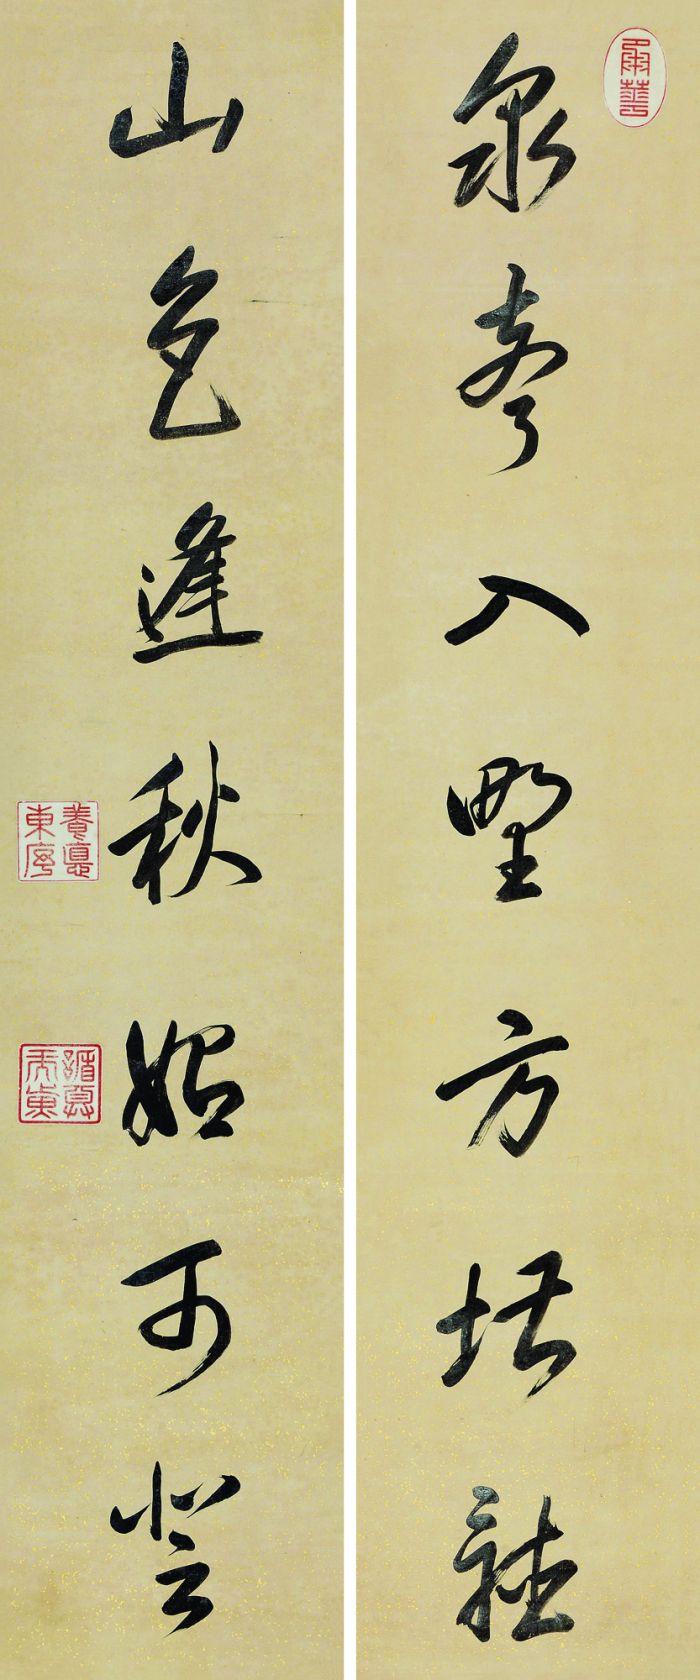 康熙帝(1654-1722)行草七言联 对联 水墨洒金纸本 估价RMB %E3%80%801,000,000-1,500,000 北京保利2018秋季拍卖会